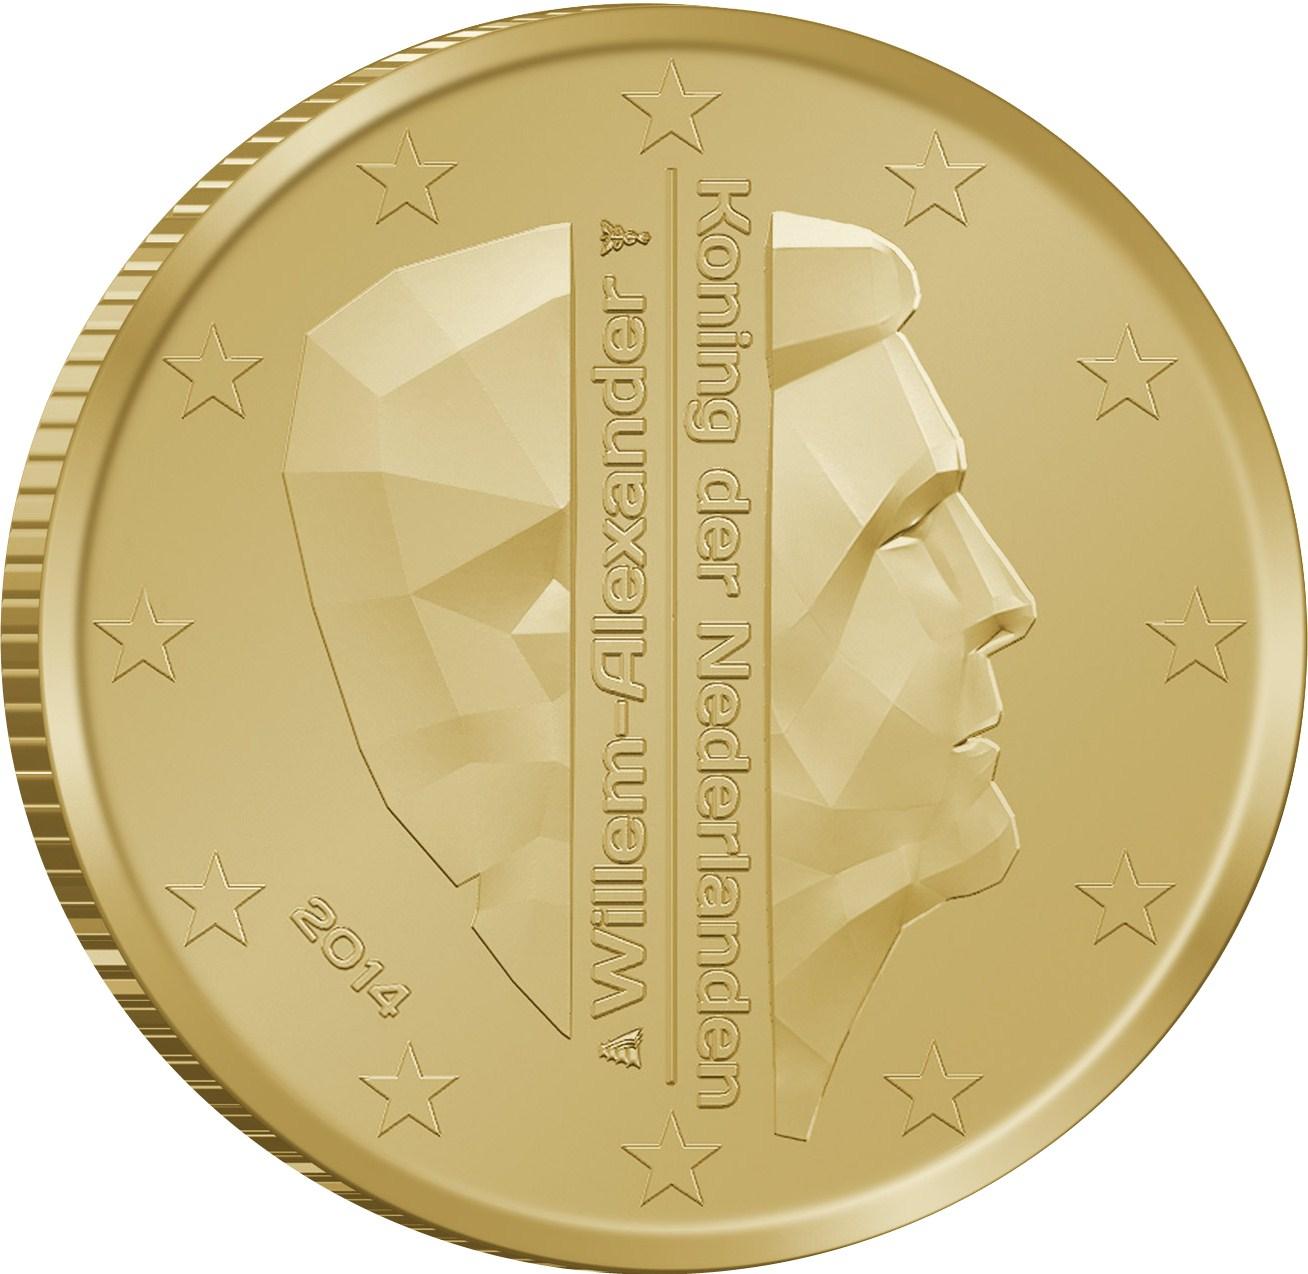 10 Cent Niederlande 2015 Graf Waldschratde In Unserem Euro